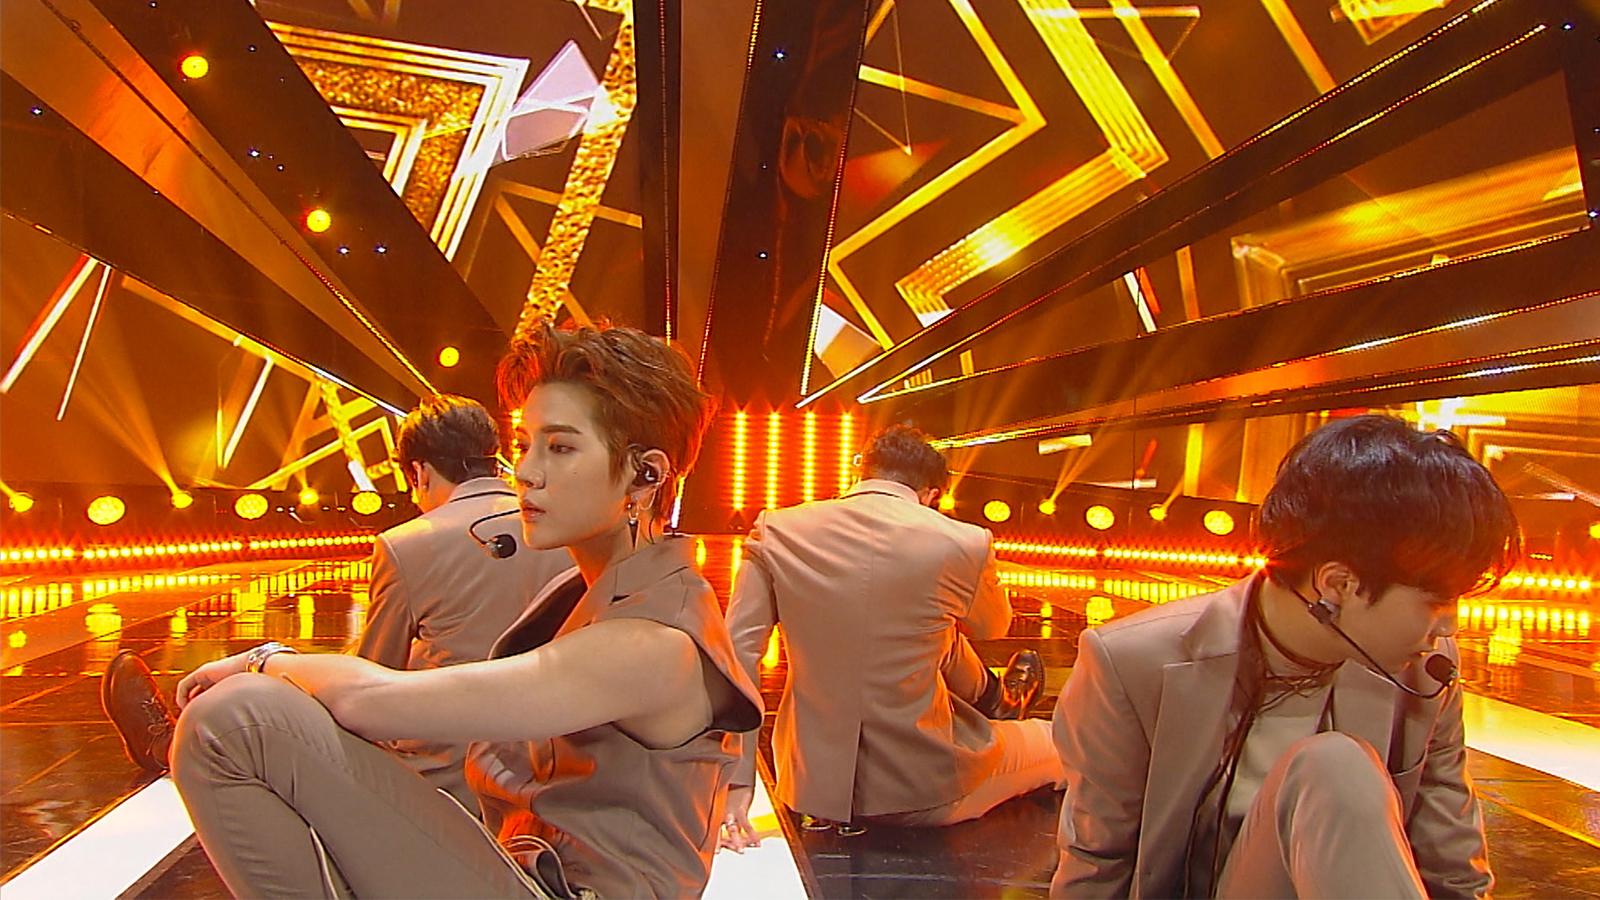 SBS Inkigayo Episode 966